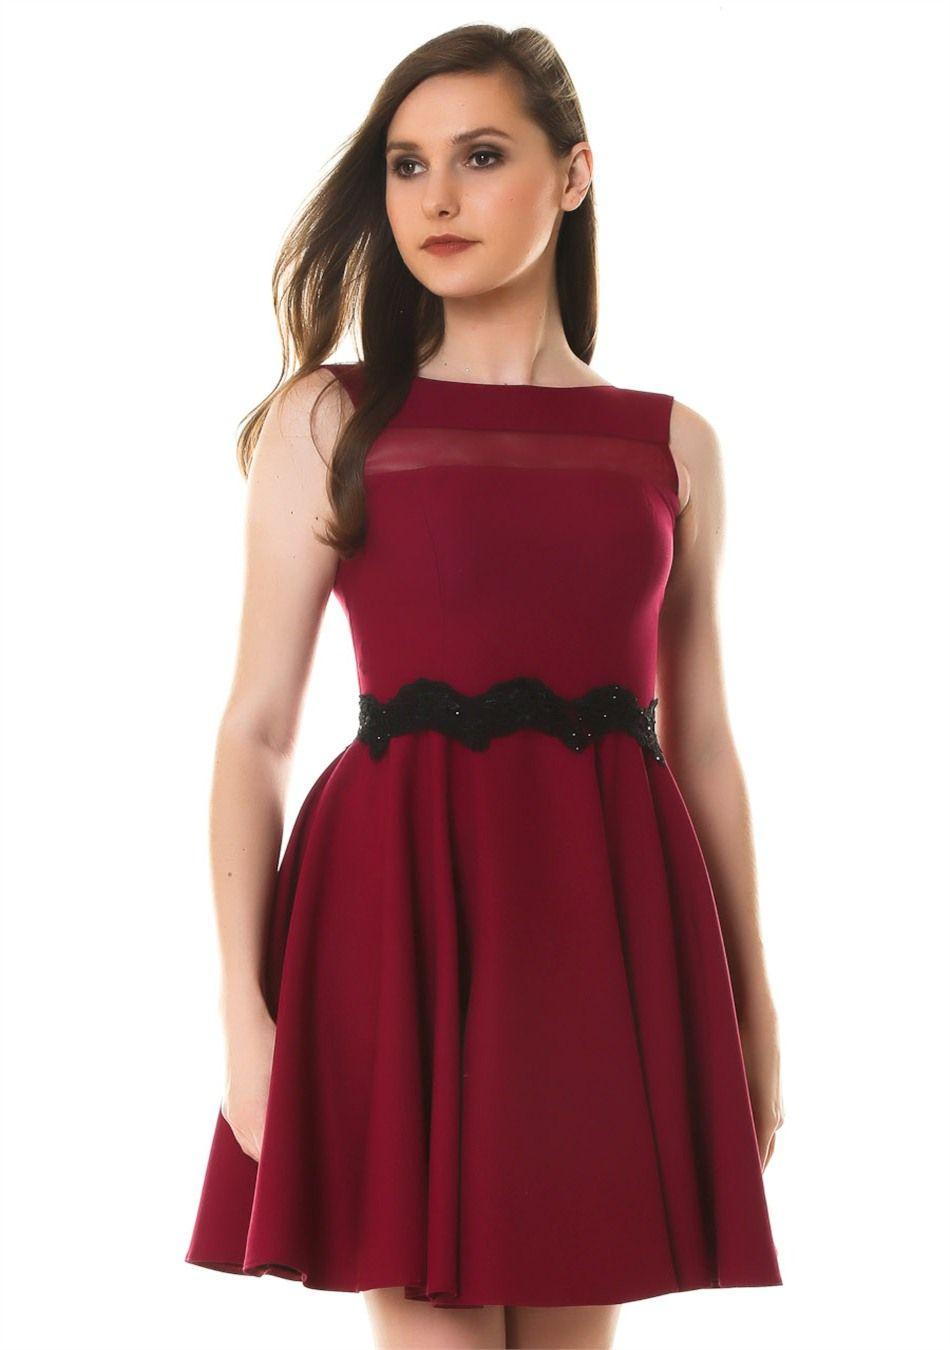 Sateen Abiye Elbise 109 5488 Mezuniyet Elbise Elbise Modelleri Stil